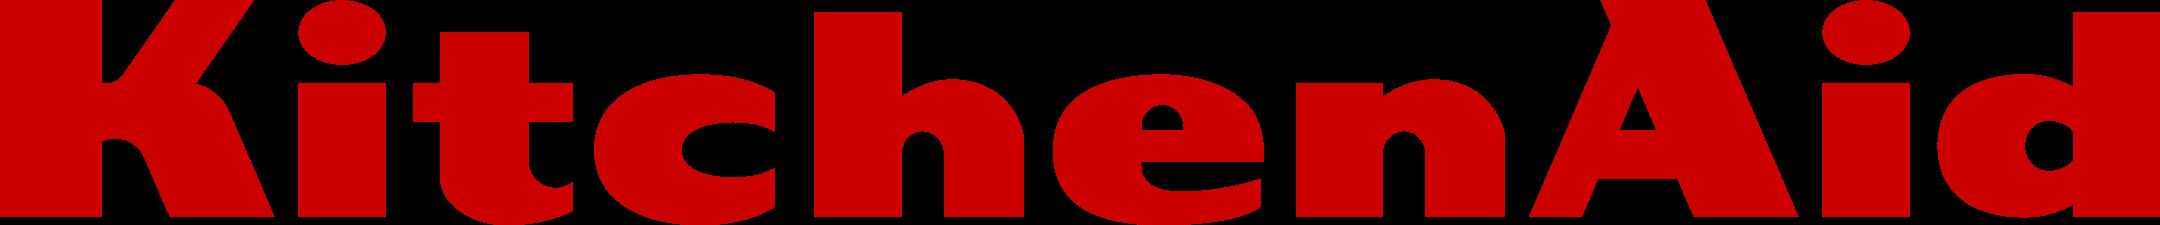 kitchenaid logo 1 - KitchenAid Logo